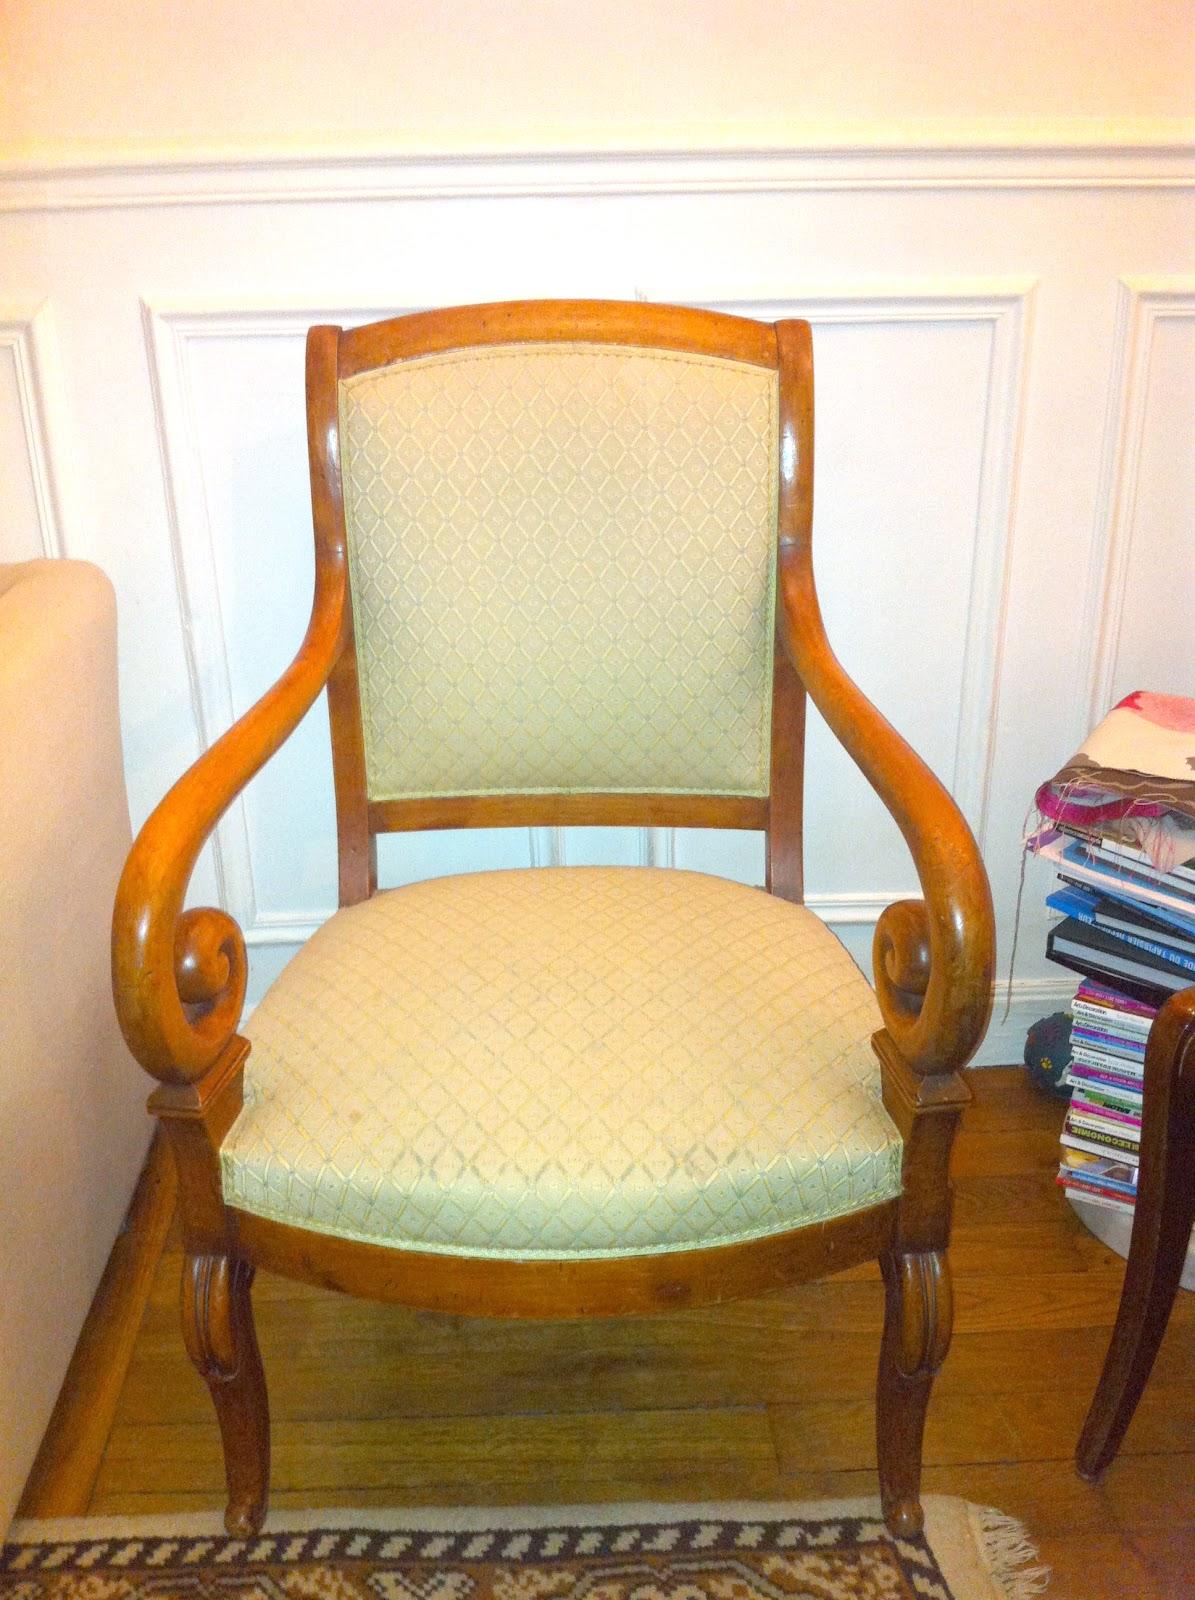 Fauteuil restauration crosse - Cours de restauration de fauteuil ...